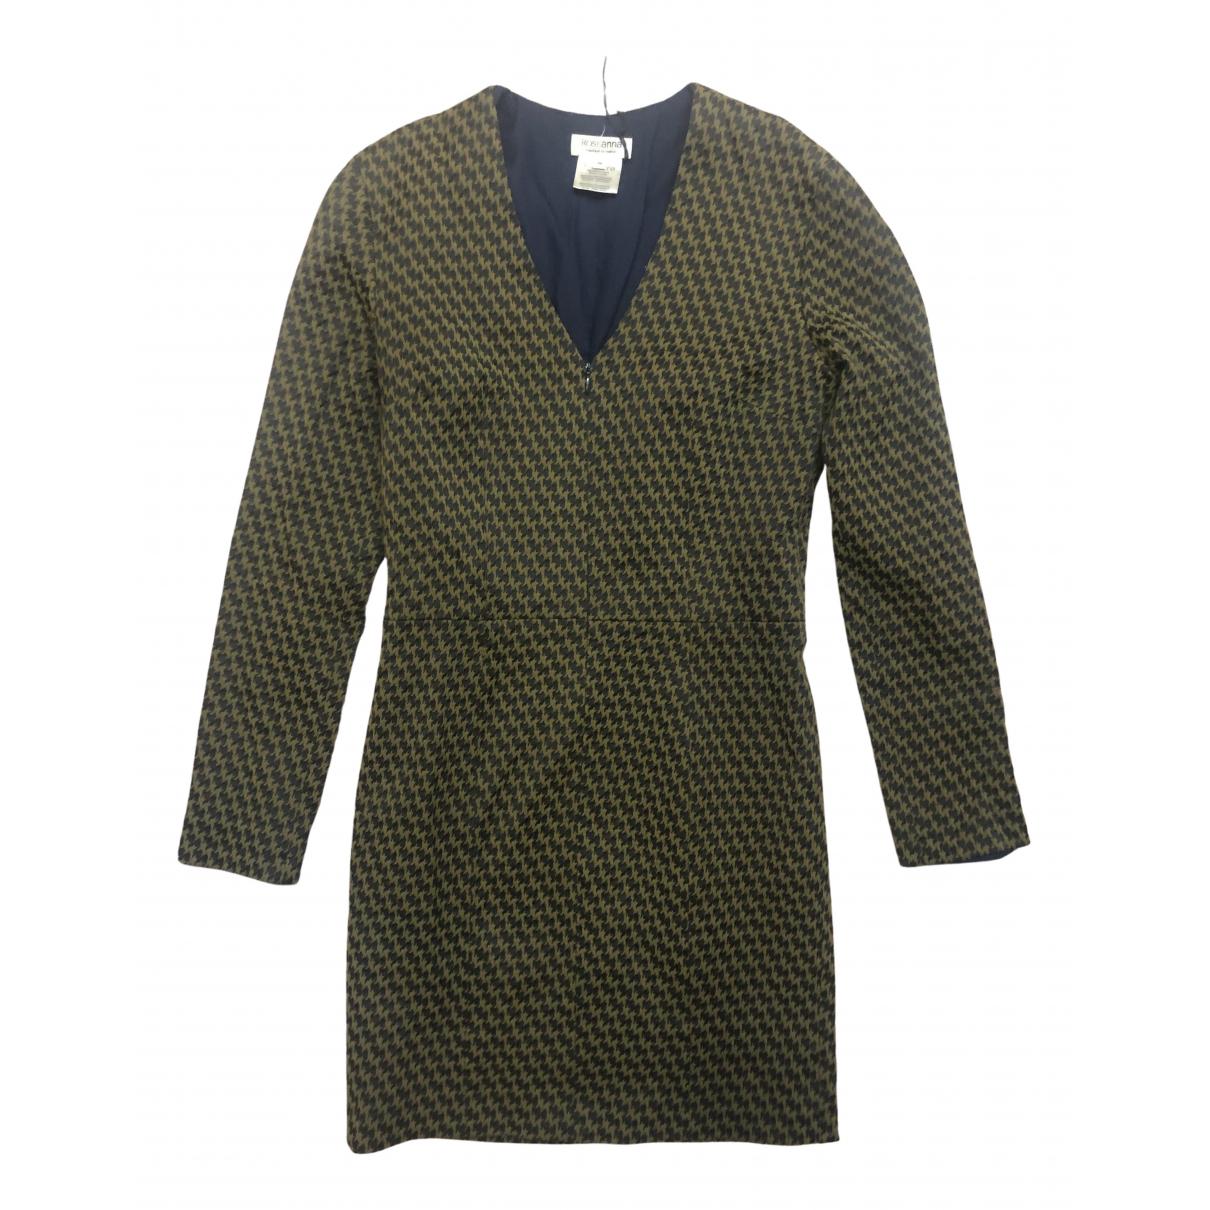 Roseanna \N Kleid in  Khaki Baumwolle - Elasthan